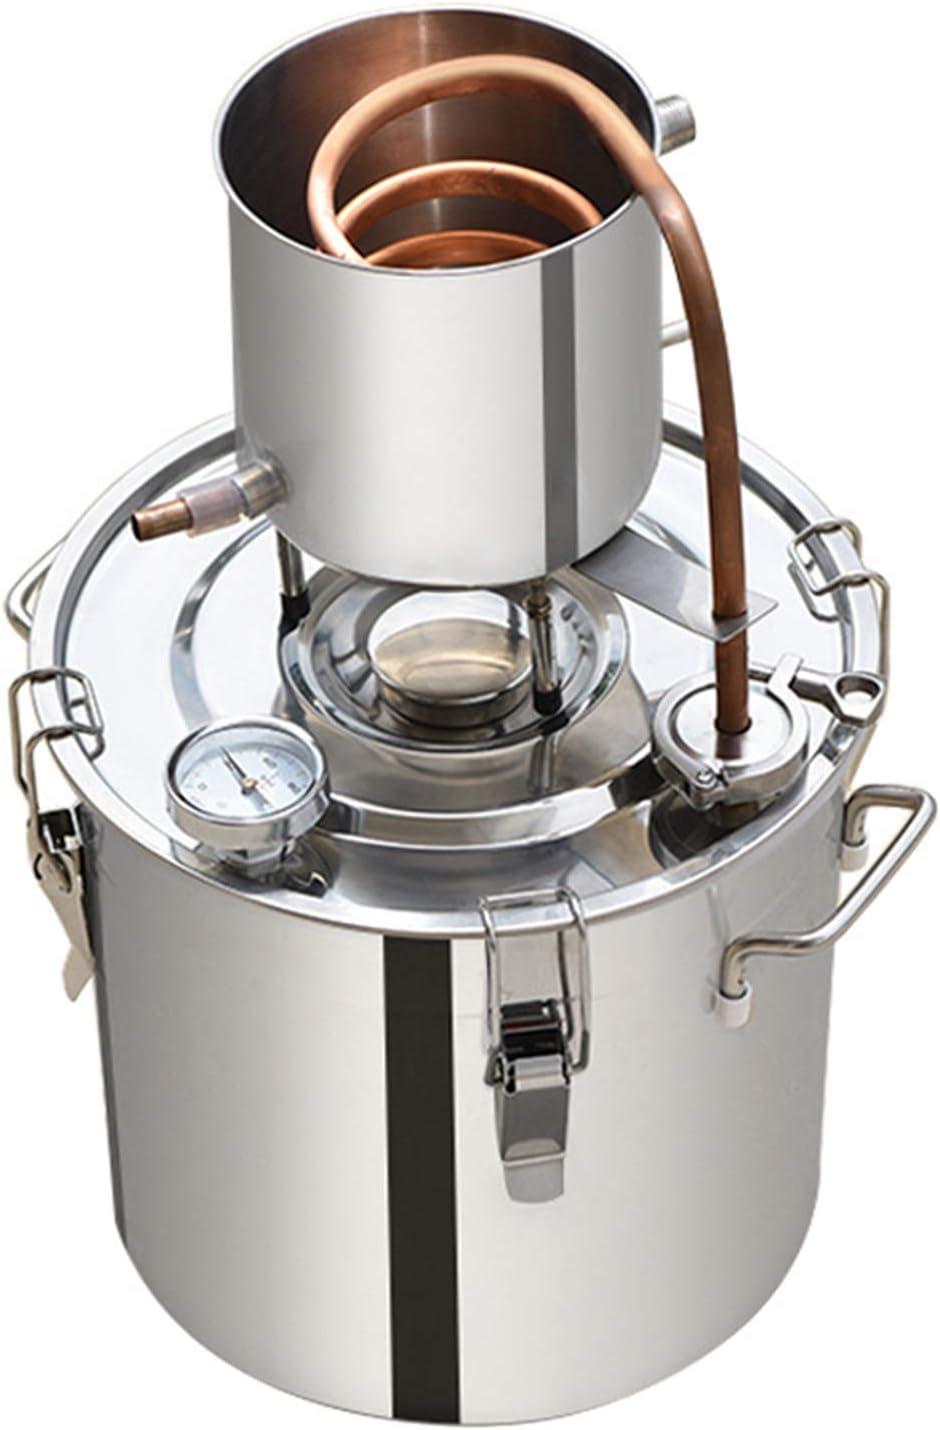 XIONGGG Destilador Moonshine Still, Destilador De Alcohol De Agua, Kit De Equipo De Fabricación De Vino De Caldera De Acero Inoxidable con Tubo De Cobre para Whisky,50L